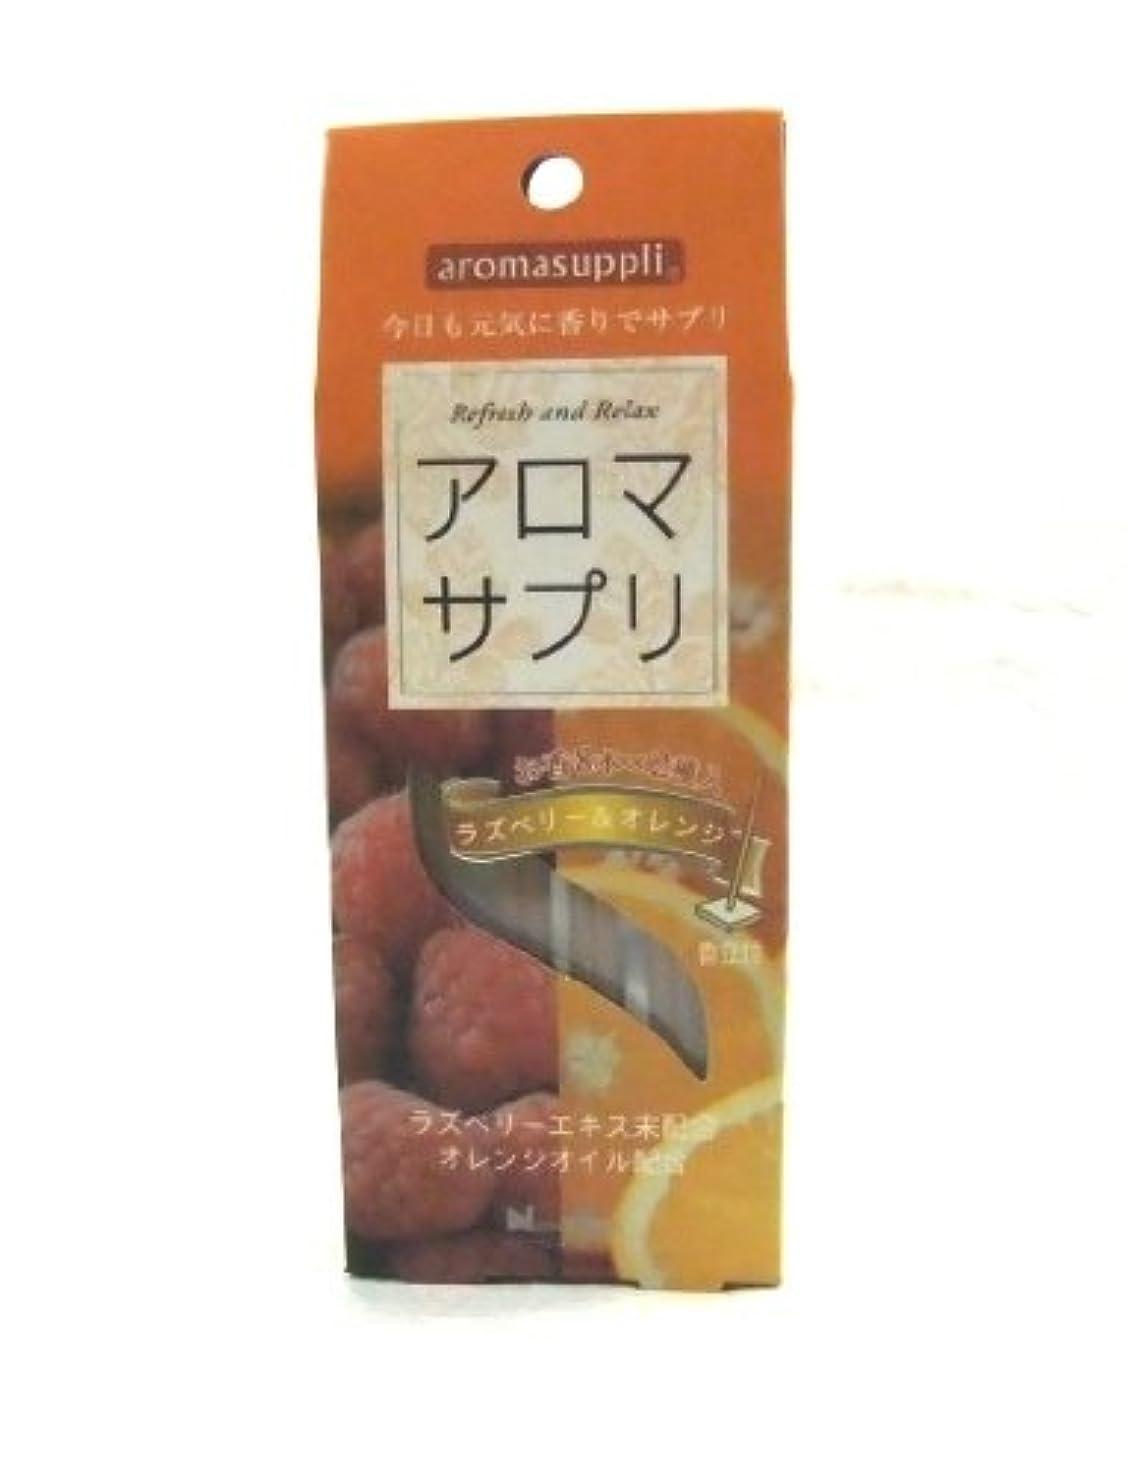 グラディス必要ホップお香 アロマサプリ<ラズベリー&オレンジ> 2種類の香り× 各8本入 香立付